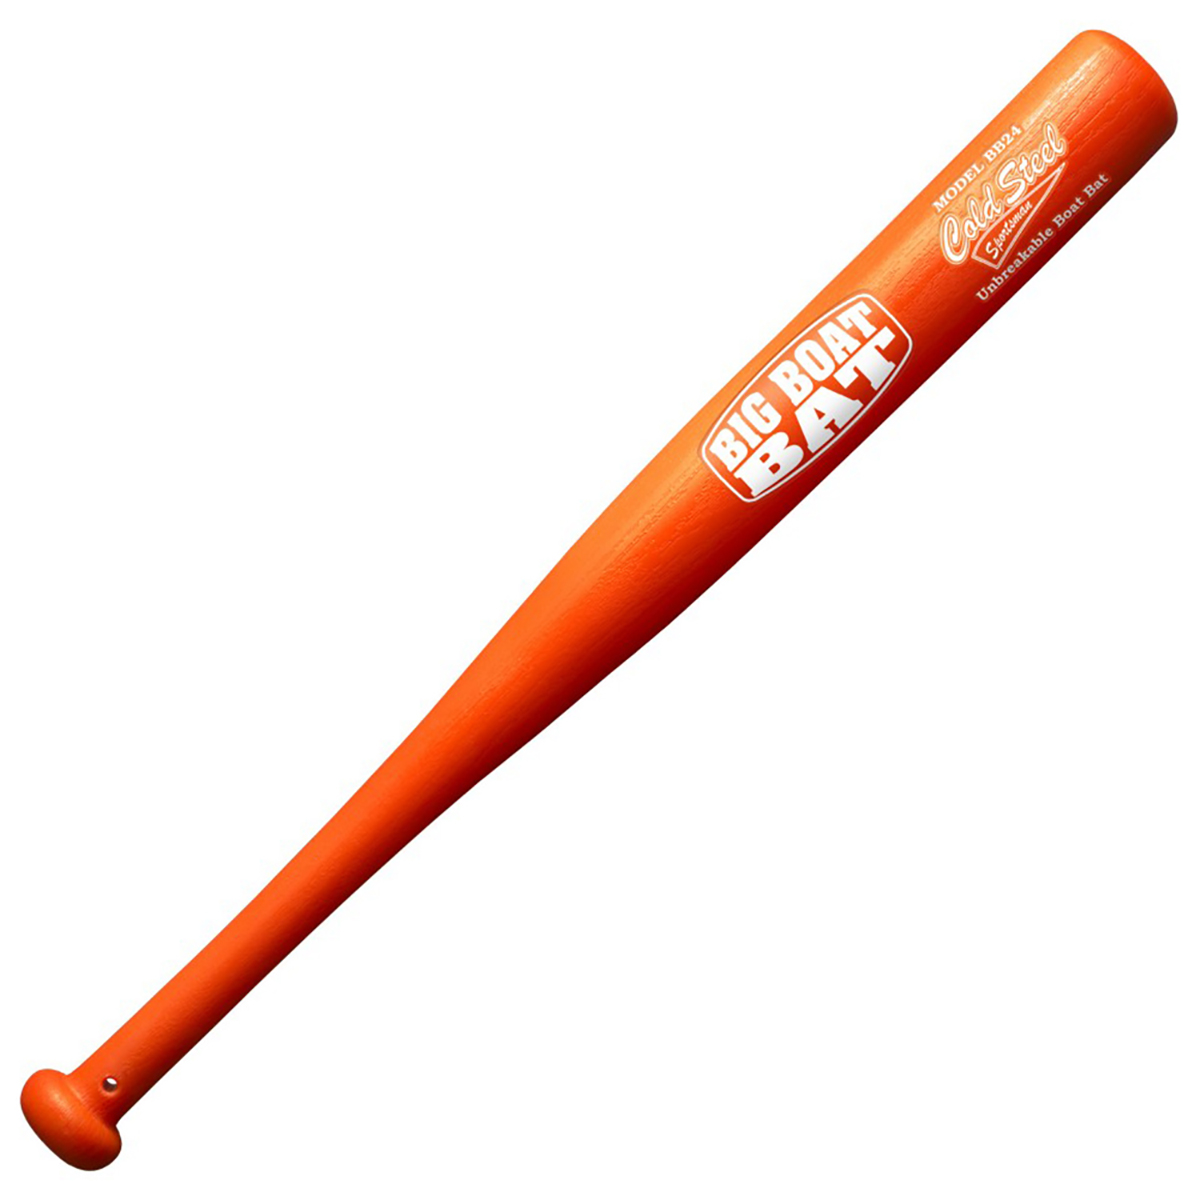 Бита бейсбольная Cold Steel Boat Bat, 60,9 смCS/91BTBZБейсбольная бита Cold Steel Boat Bat определенно вам понадобится, если вы собрались приобщиться к такой увлекательной игре, как бейсбол. Бита изготовлена из ударопрочного полипропилена путем точного литья подавлением, она не дает трещин, не коробится и не расслаивается, как это обеспечивает надежный, безопасный, нескользящий хват даже если у вас холодные, мокрые или грязные руки.Сегодня профессиональный бейсбол привлекает на стадионы миллионы зрителей и развлекает миллионы людей, которые слушают или смотрят трансляции по радио и телевидению.Длина: 60,9 см.